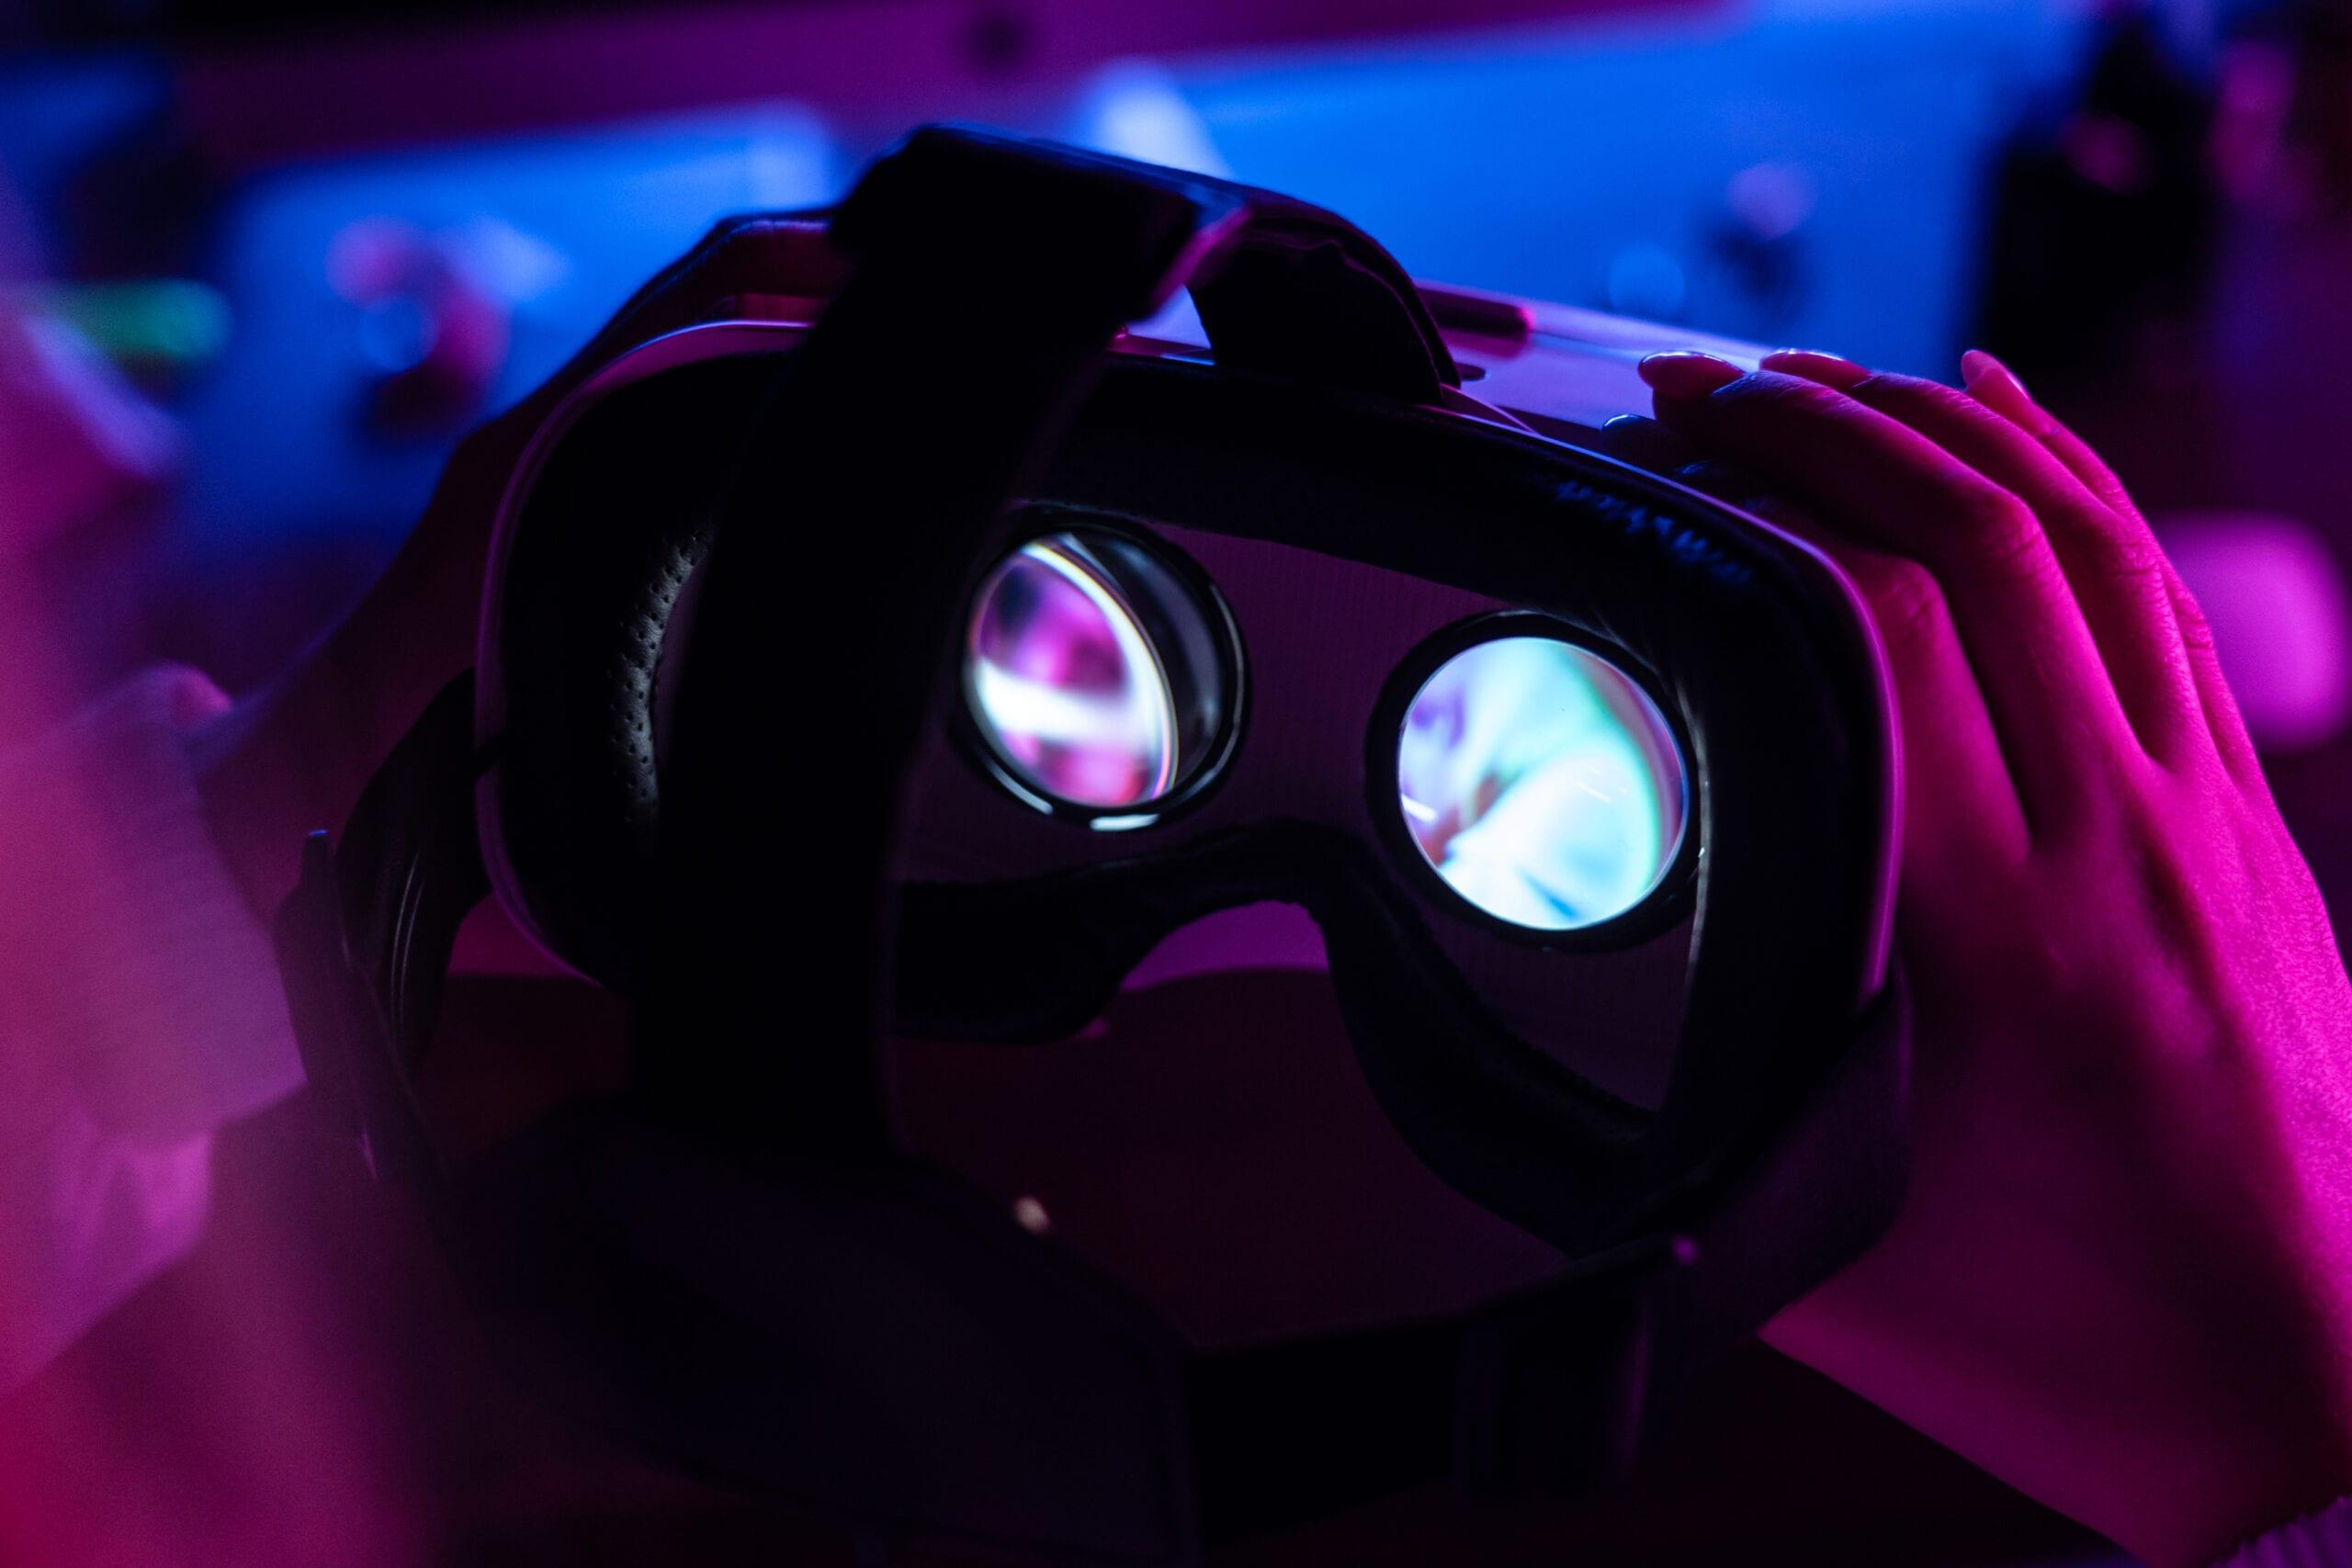 Virtuelle Realität: Vom Branchenschreck zum Innovation Tool